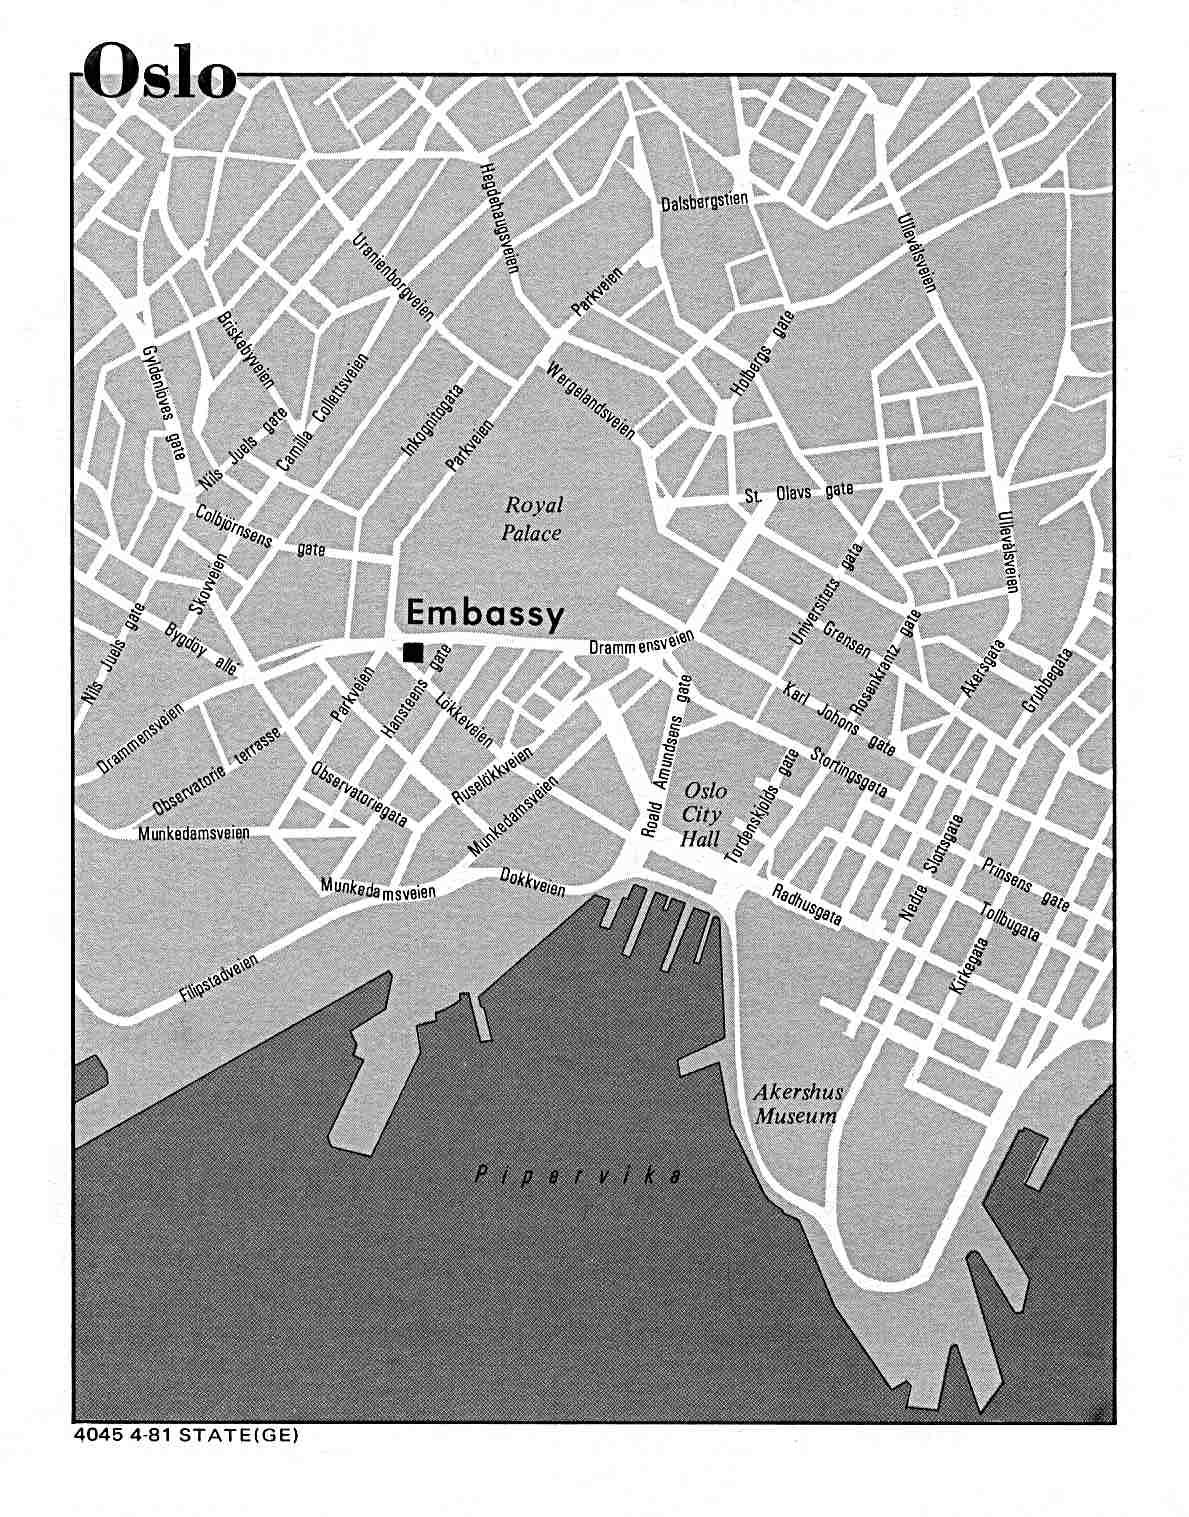 Mapa de la Ciudad de Oslo, Noruega